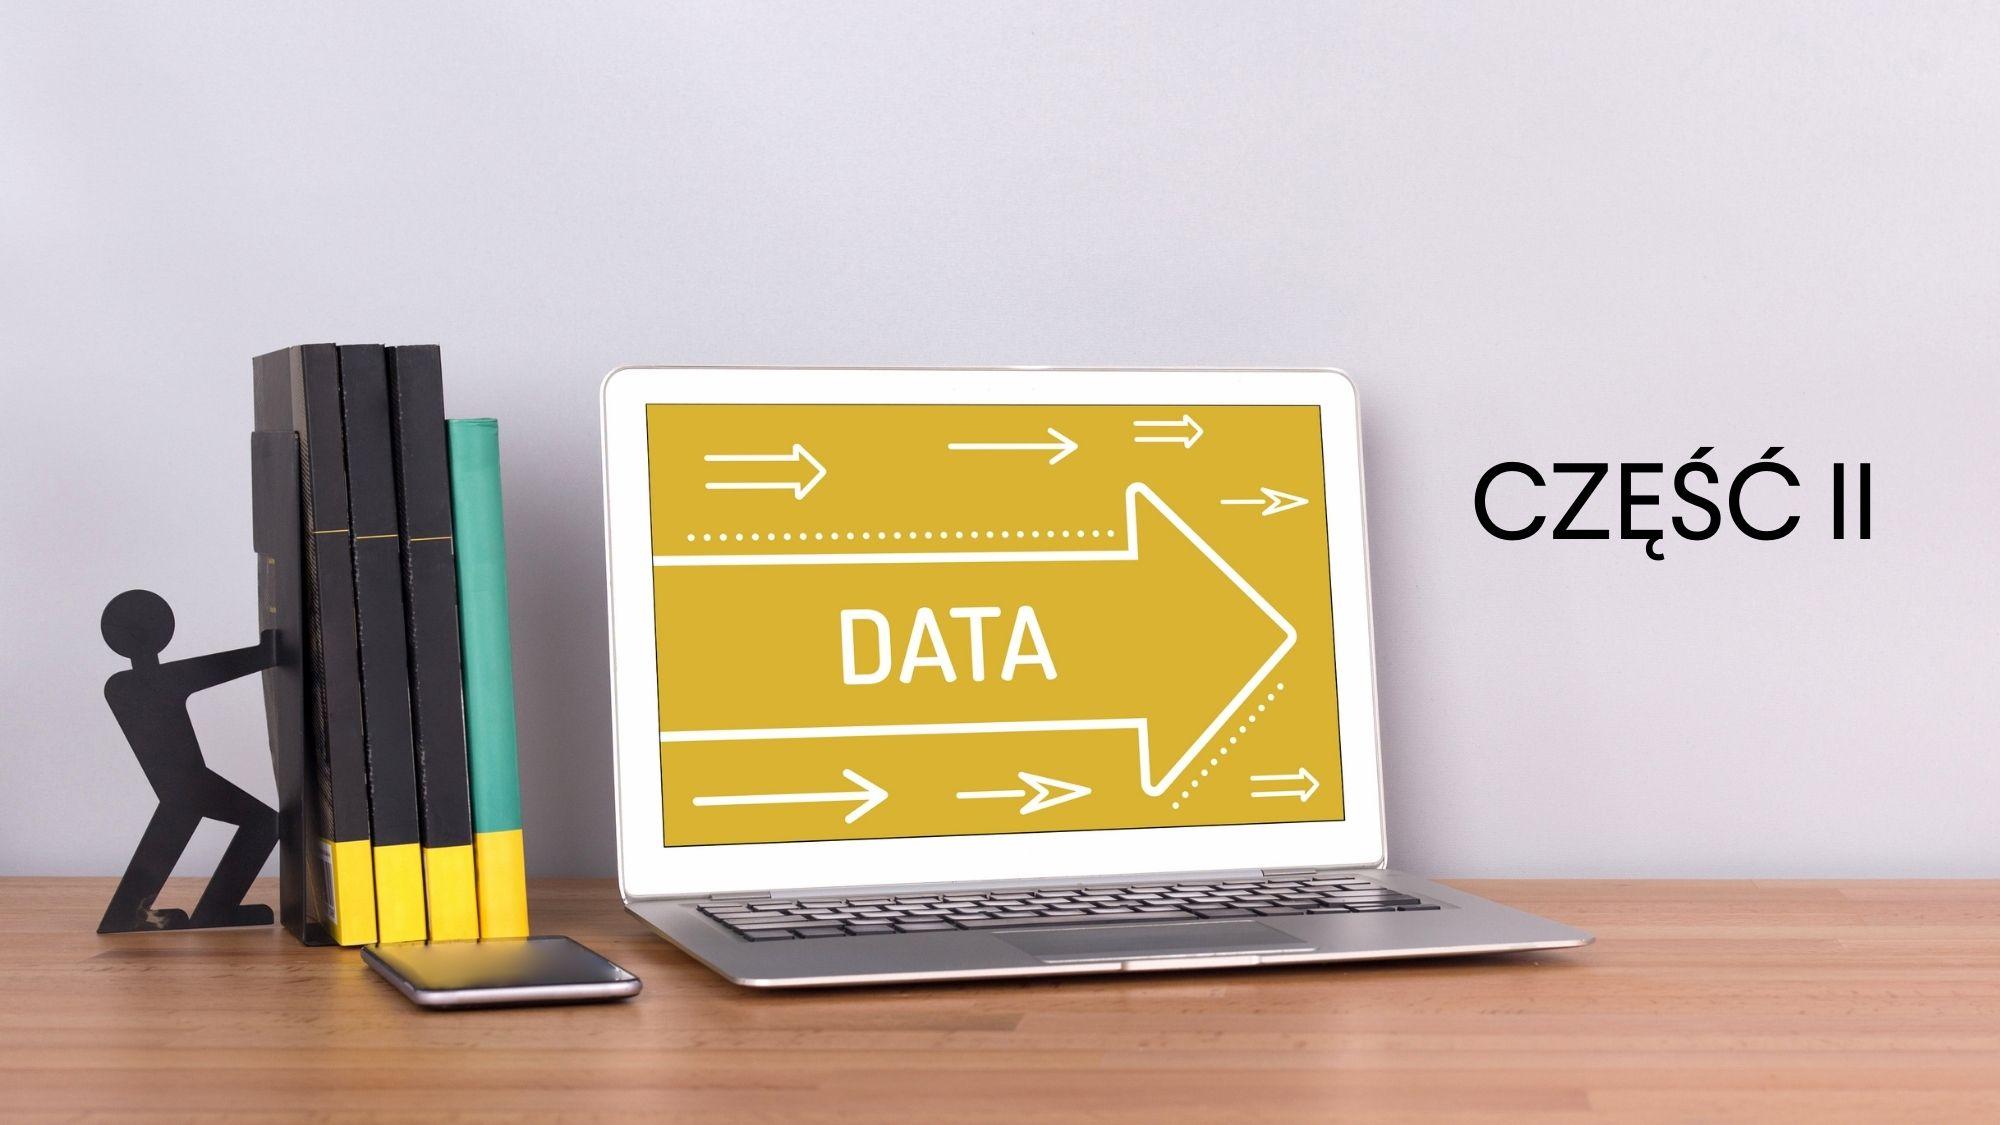 Analiza i raportowanie  danych – czyli Power BI cz. 2